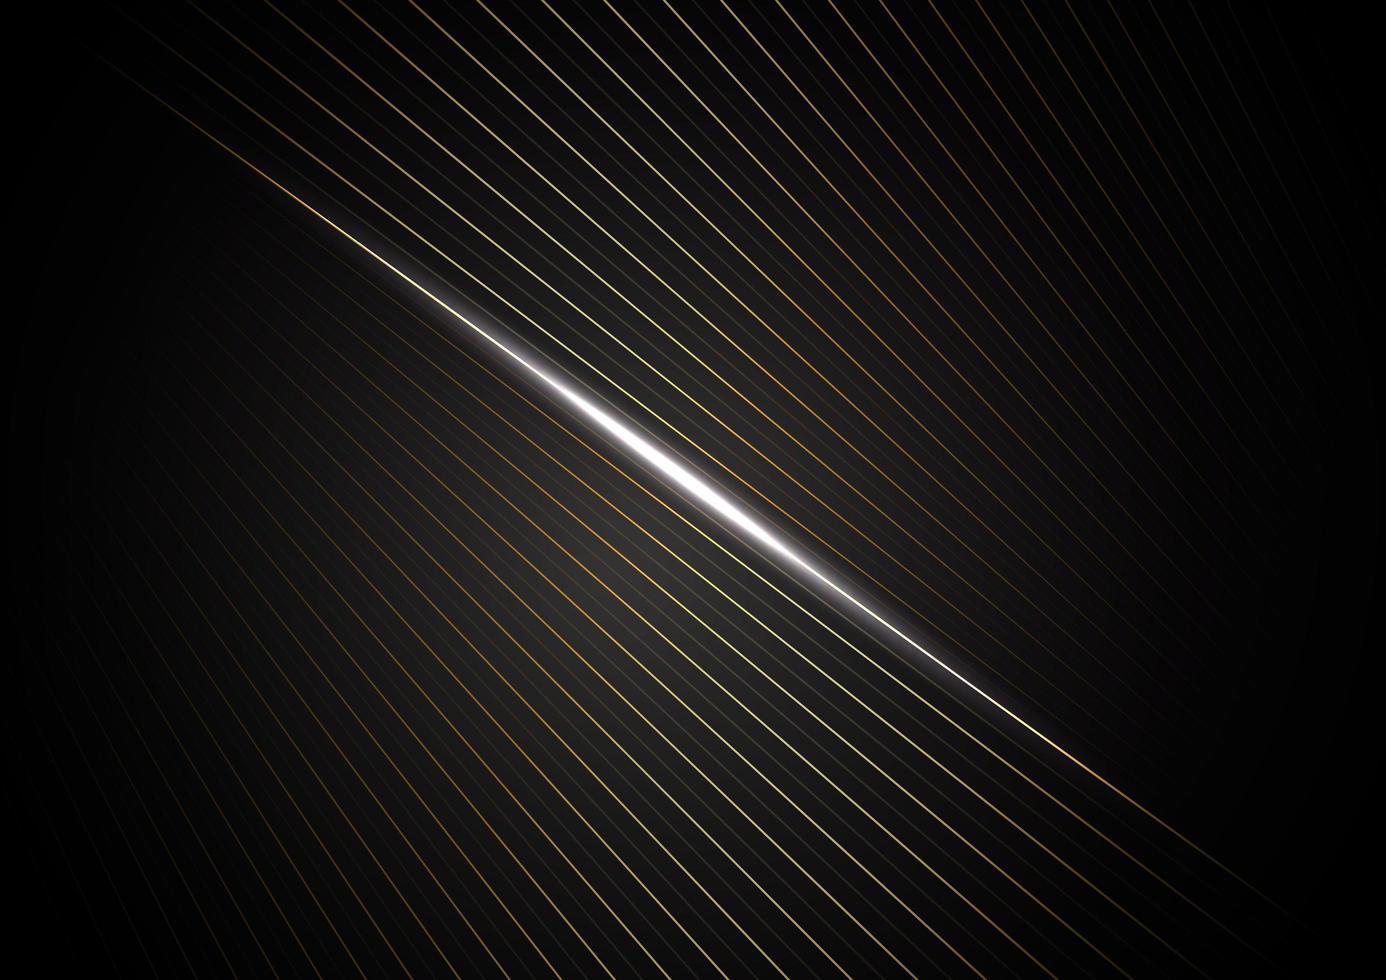 linee oro chiaro in movimento sfondo nero vettore